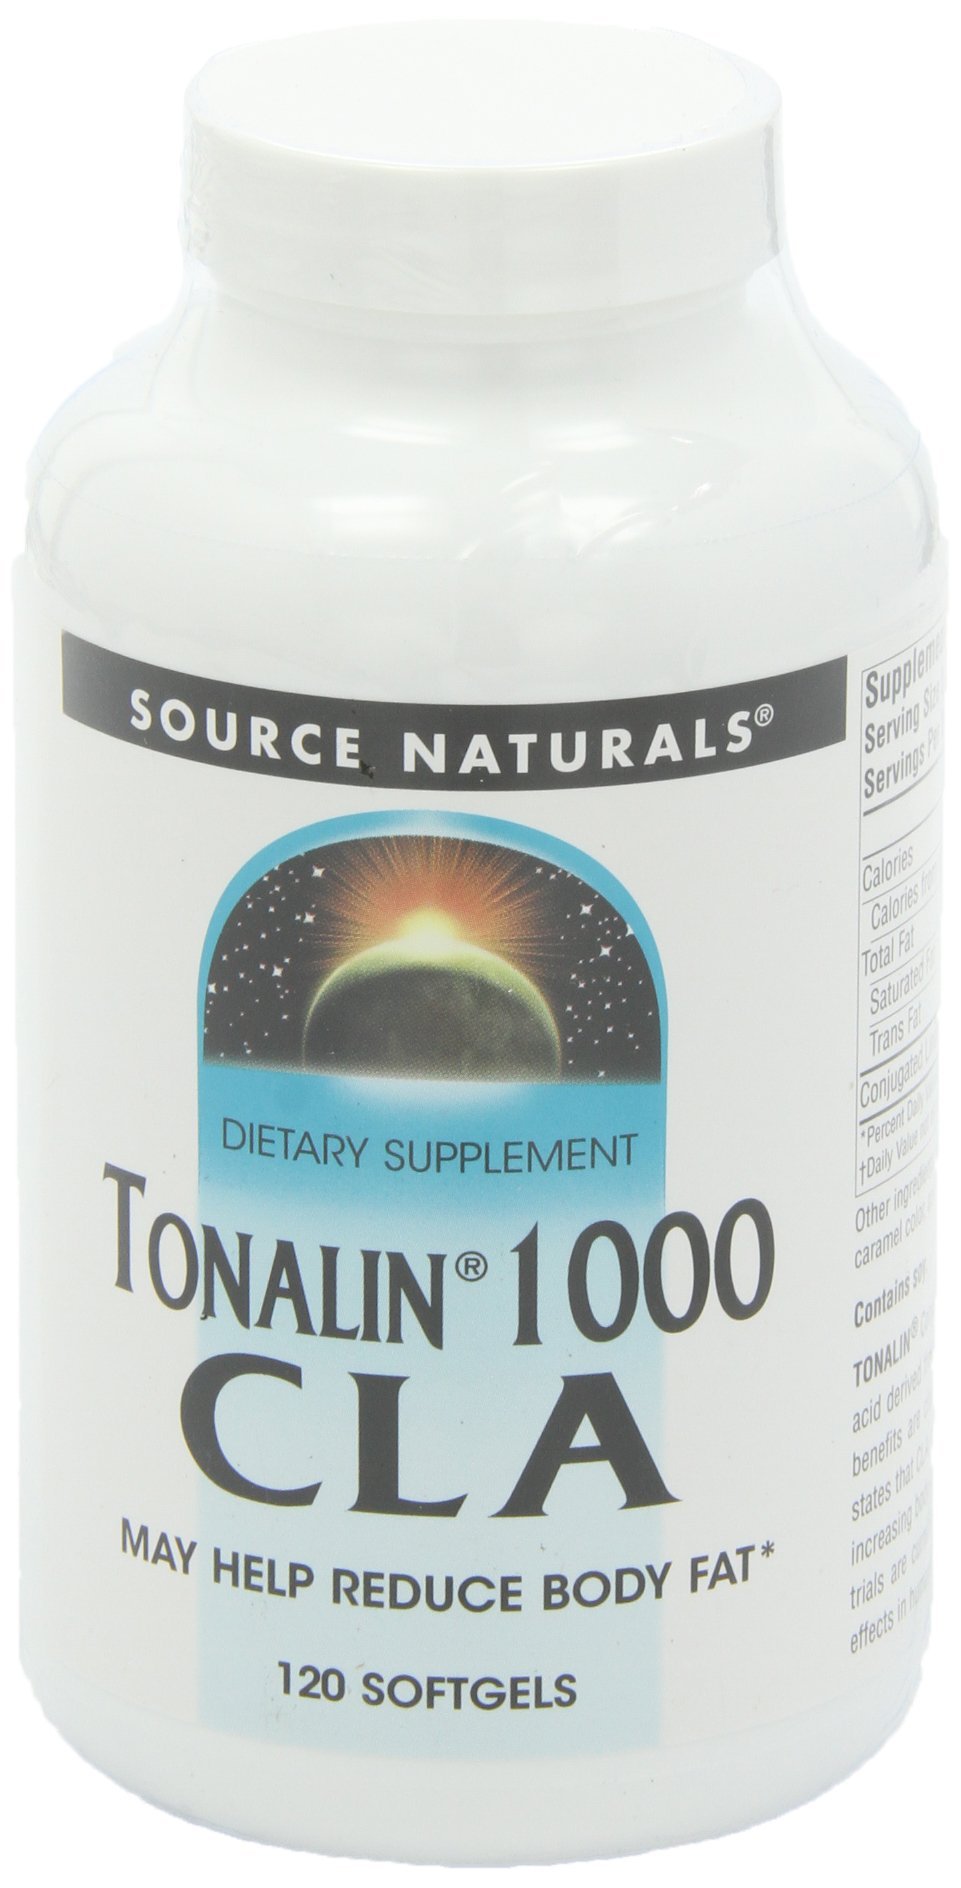 Source Naturals Tonalin CLA, 1000mg, 120 Softgels